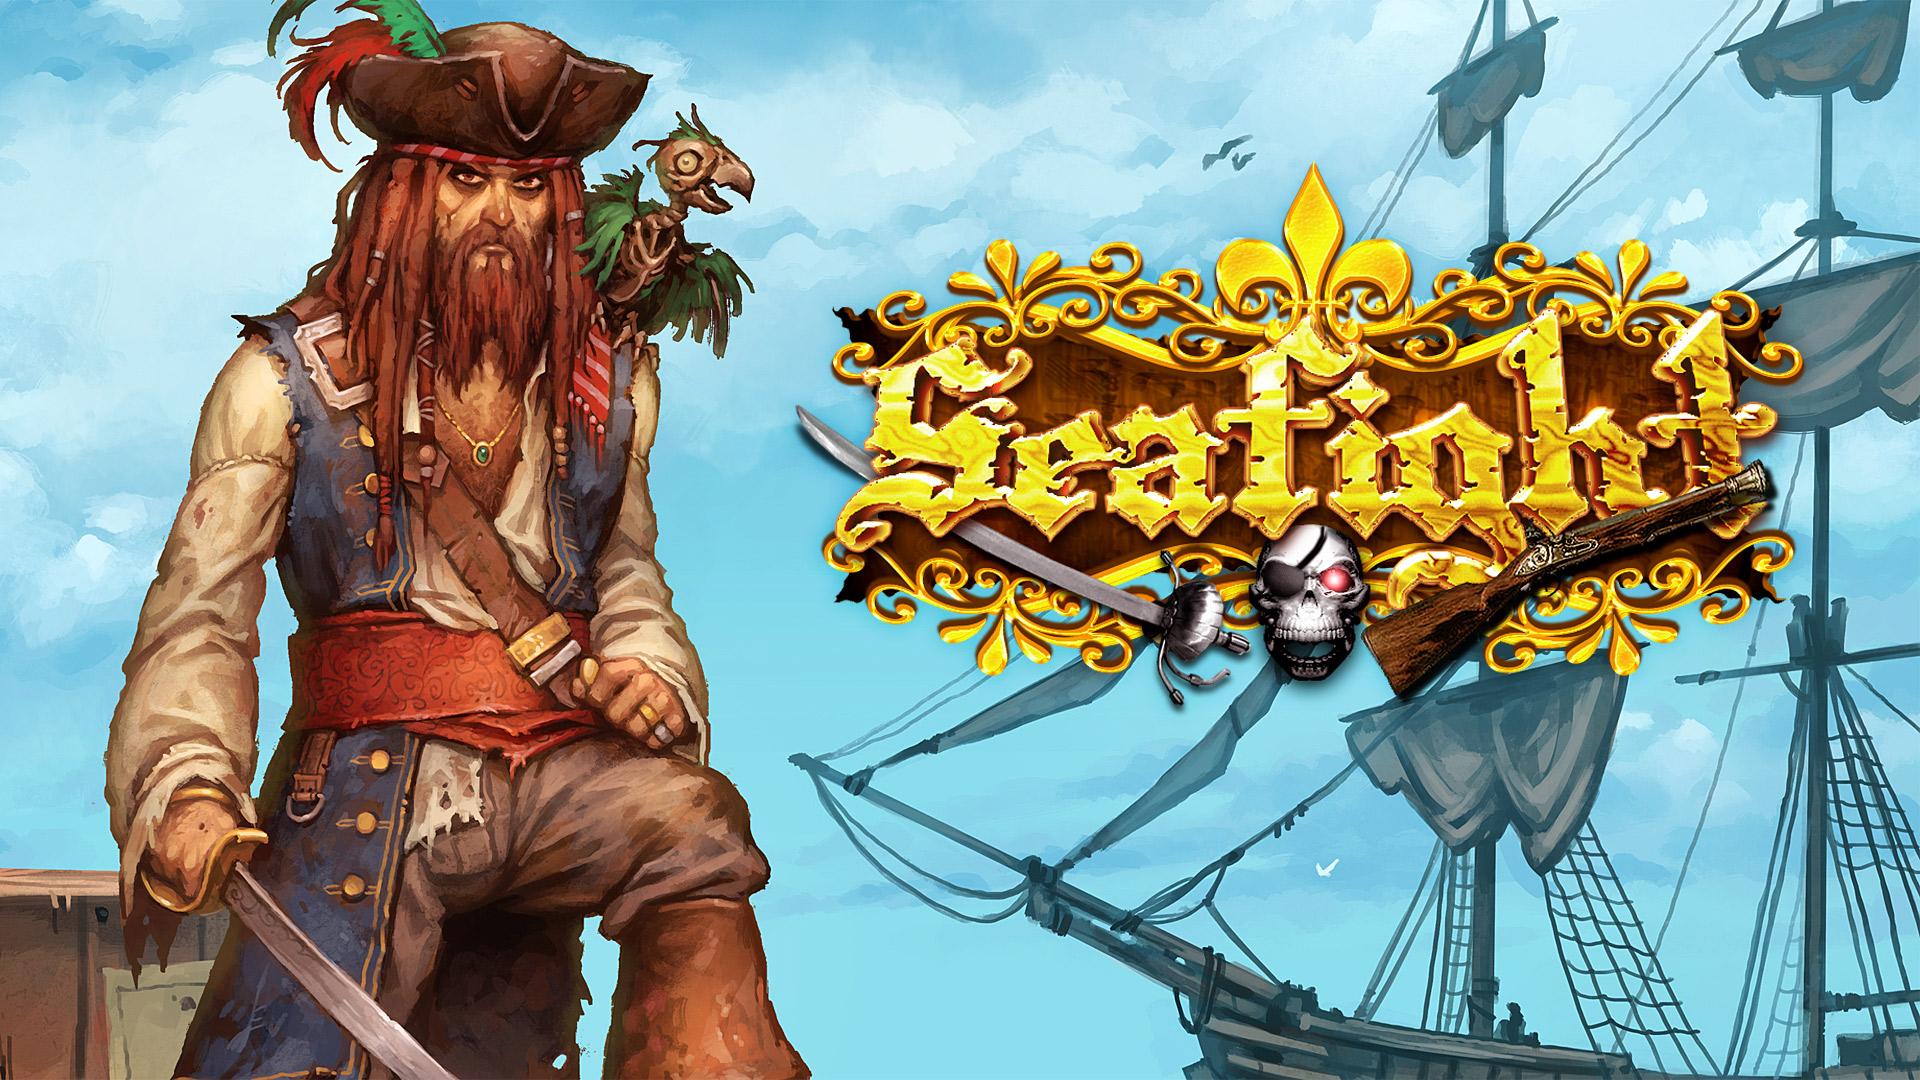 Als Pirat in Seafight spielen